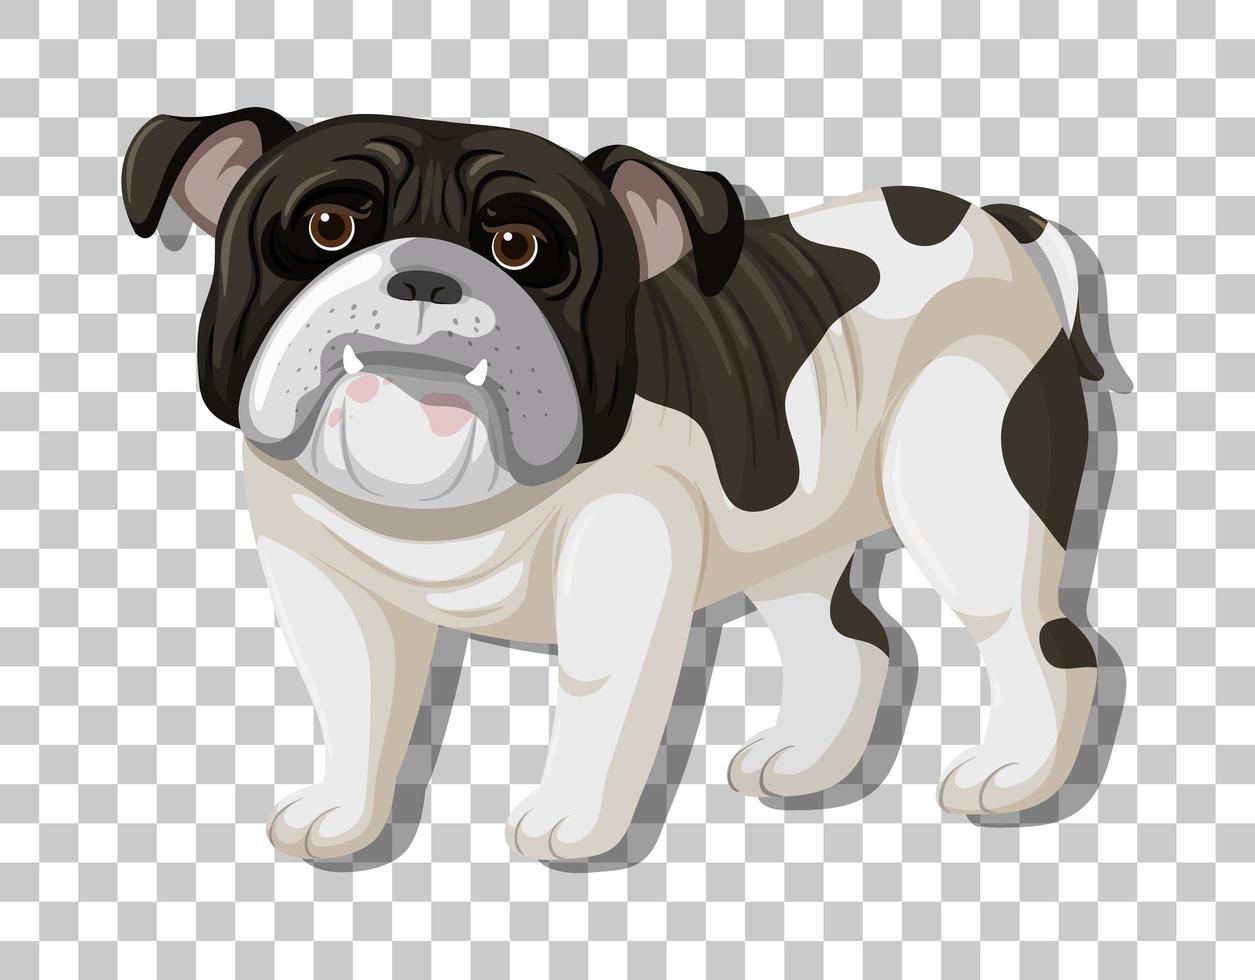 bulldog bianco nero nel fumetto di posizione eretta vettore